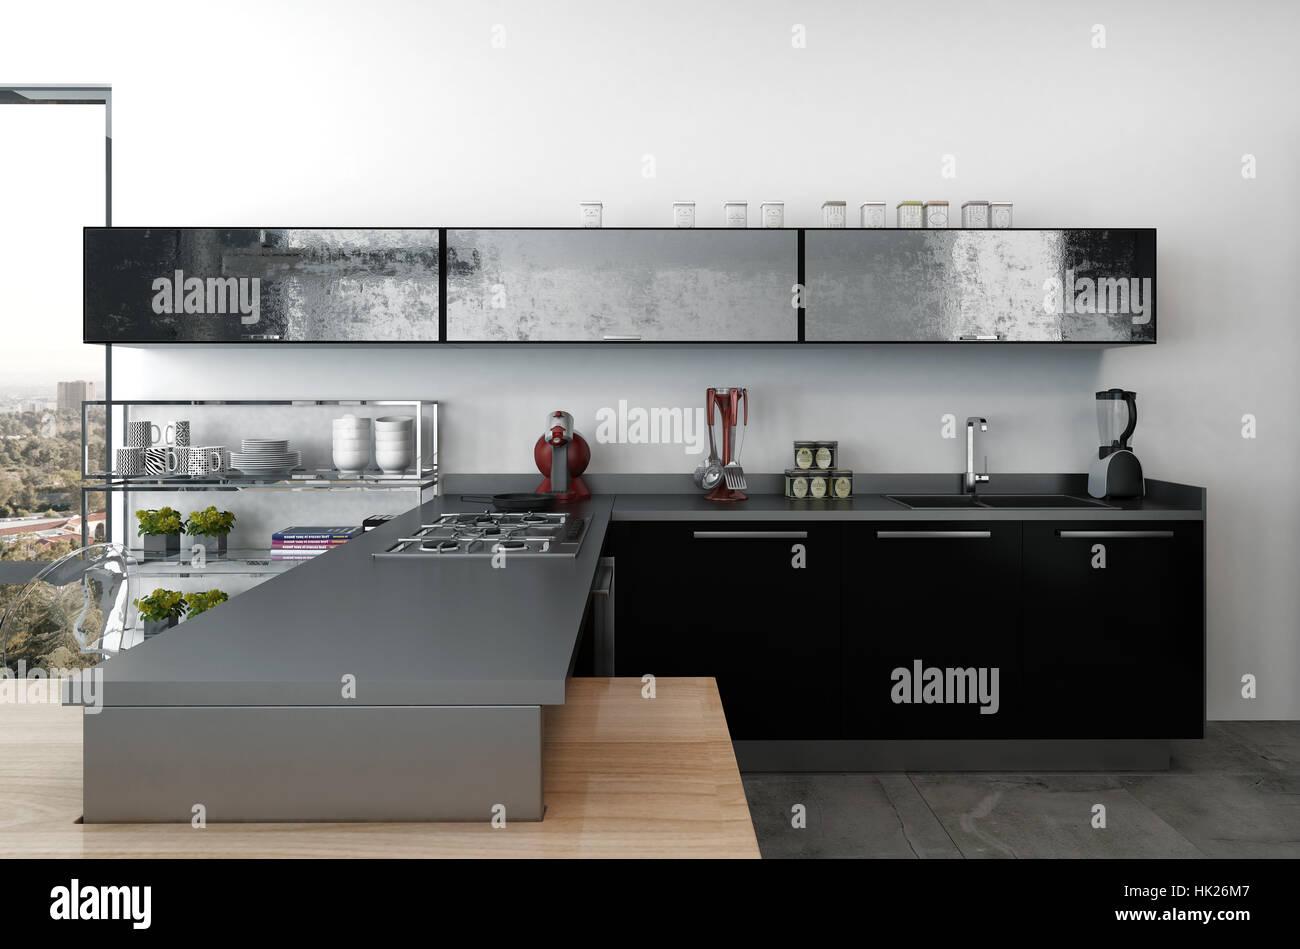 Elegante Cocina Moderna Con Gabinetes Negros Y Pequenos - Electrodomesticos-negros